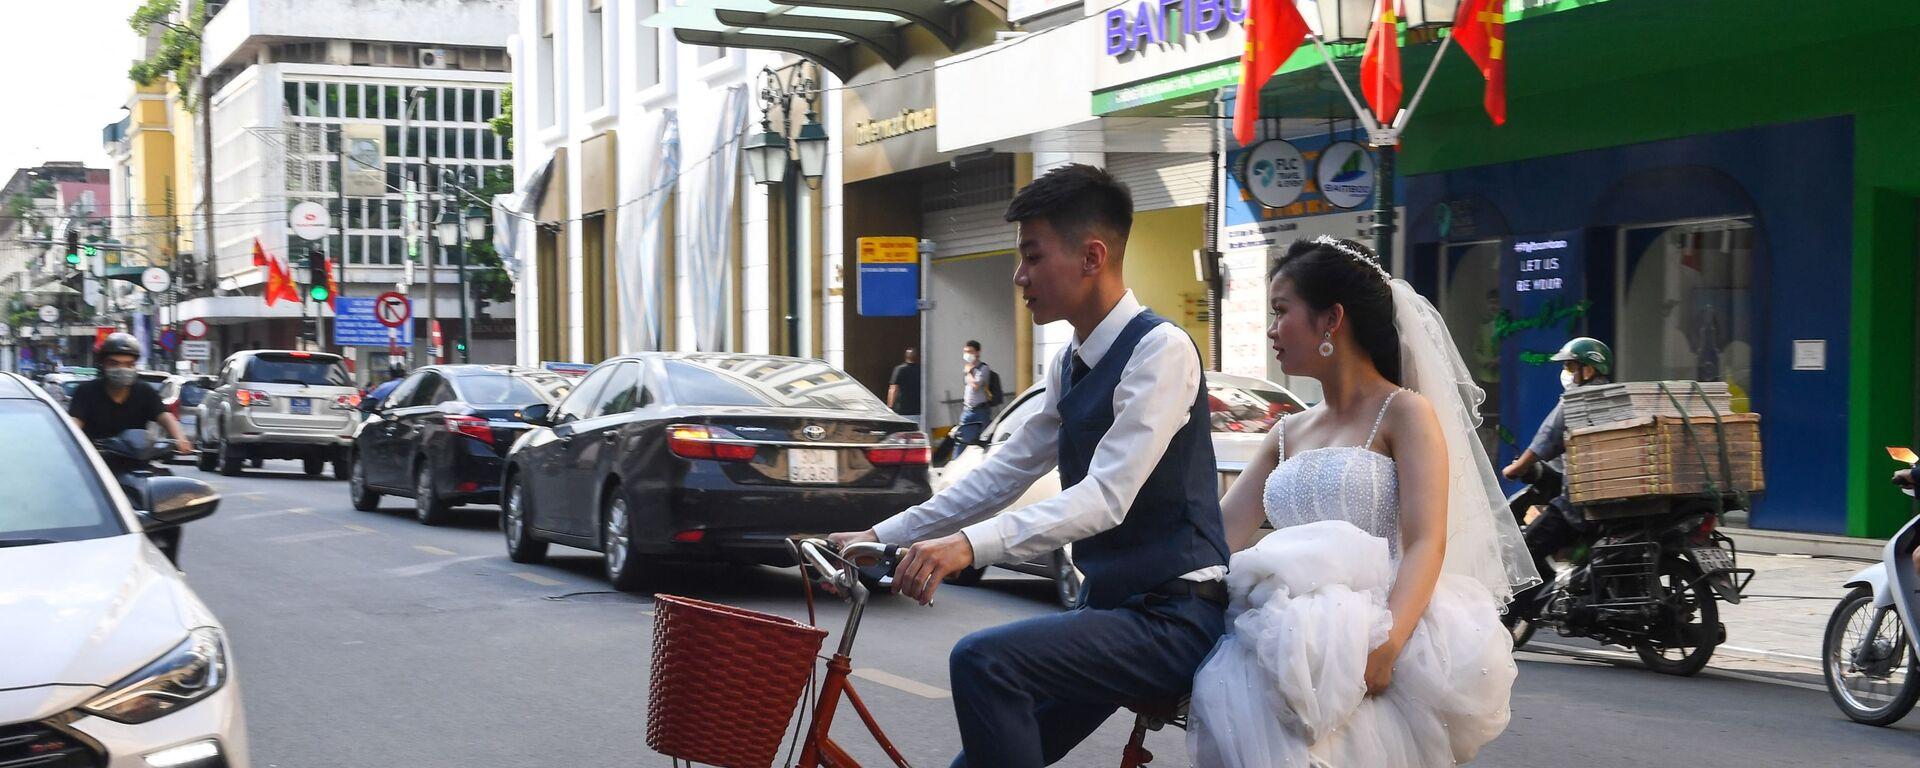 Жених и невеста на велосипеде в Ханое  - Sputnik Mundo, 1920, 03.06.2021